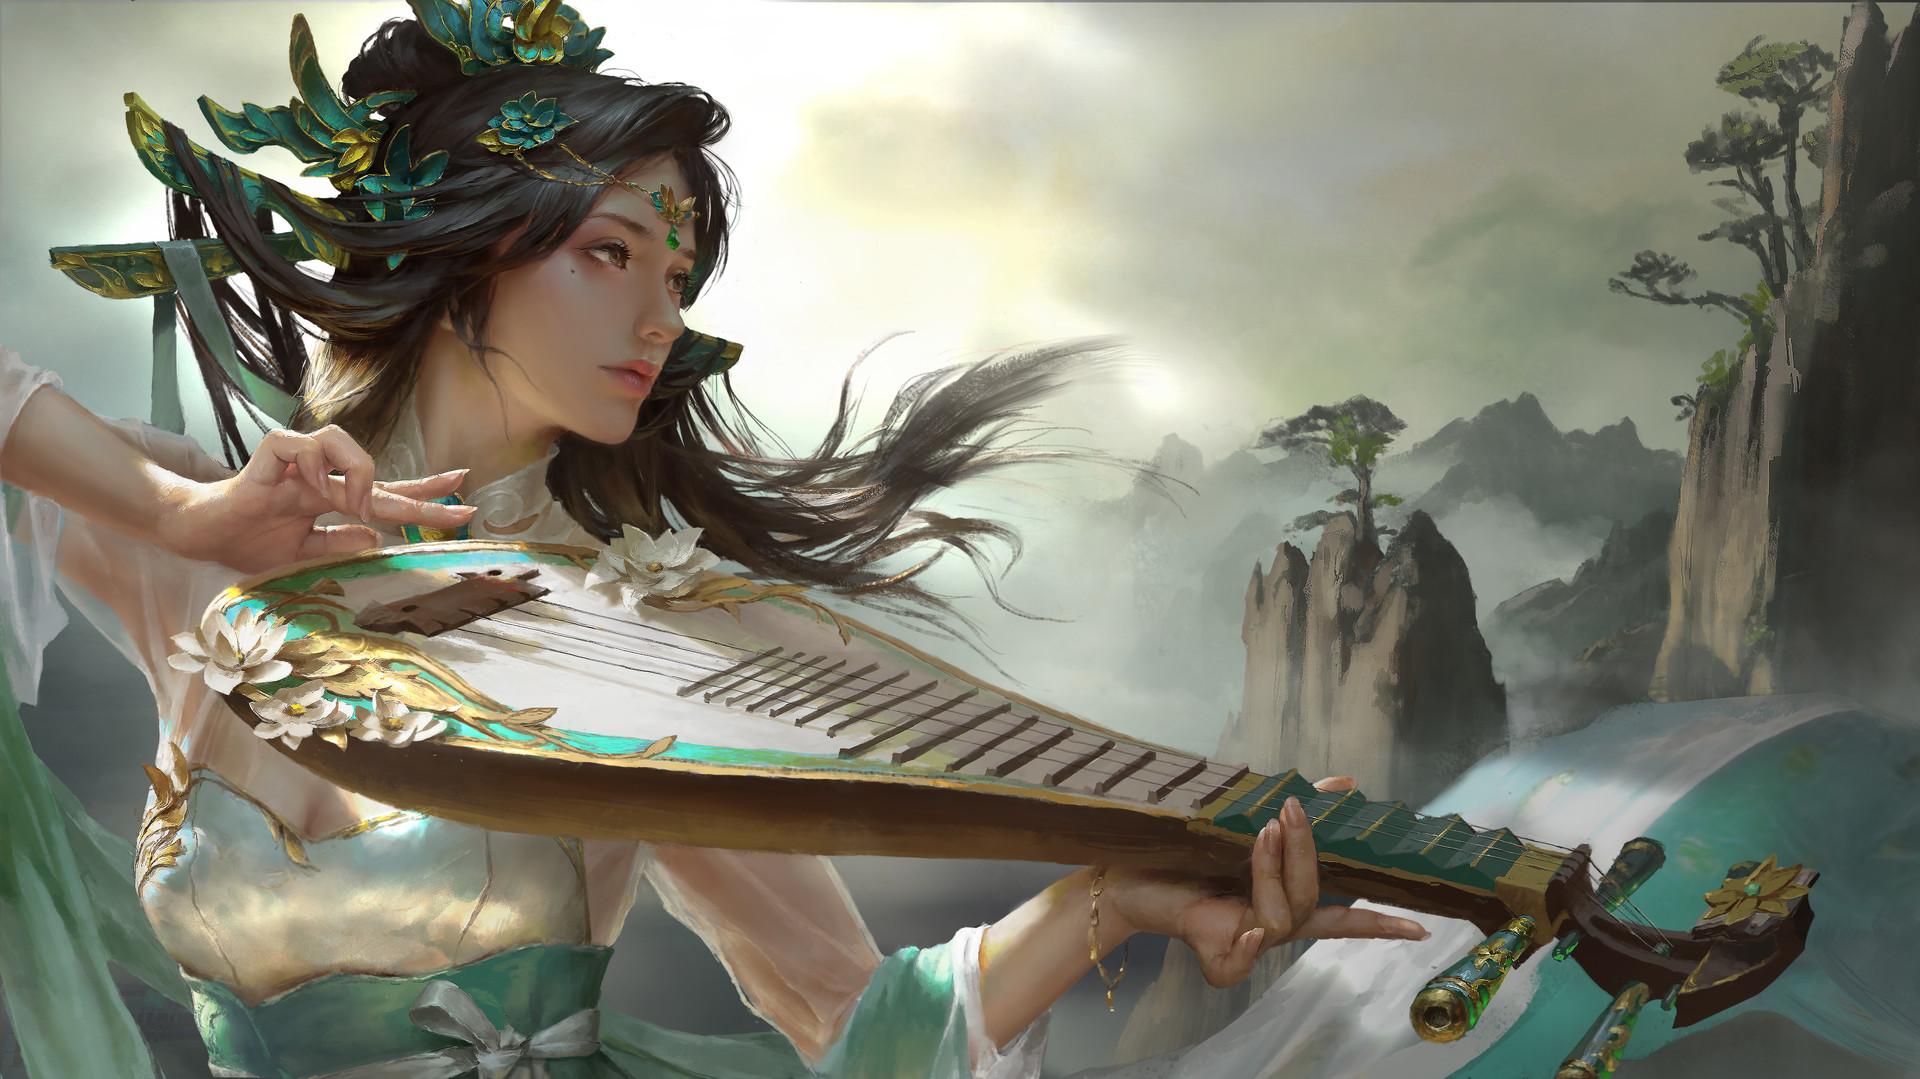 Фото Девушка с музыкальным инструментом, by Ley Bowen